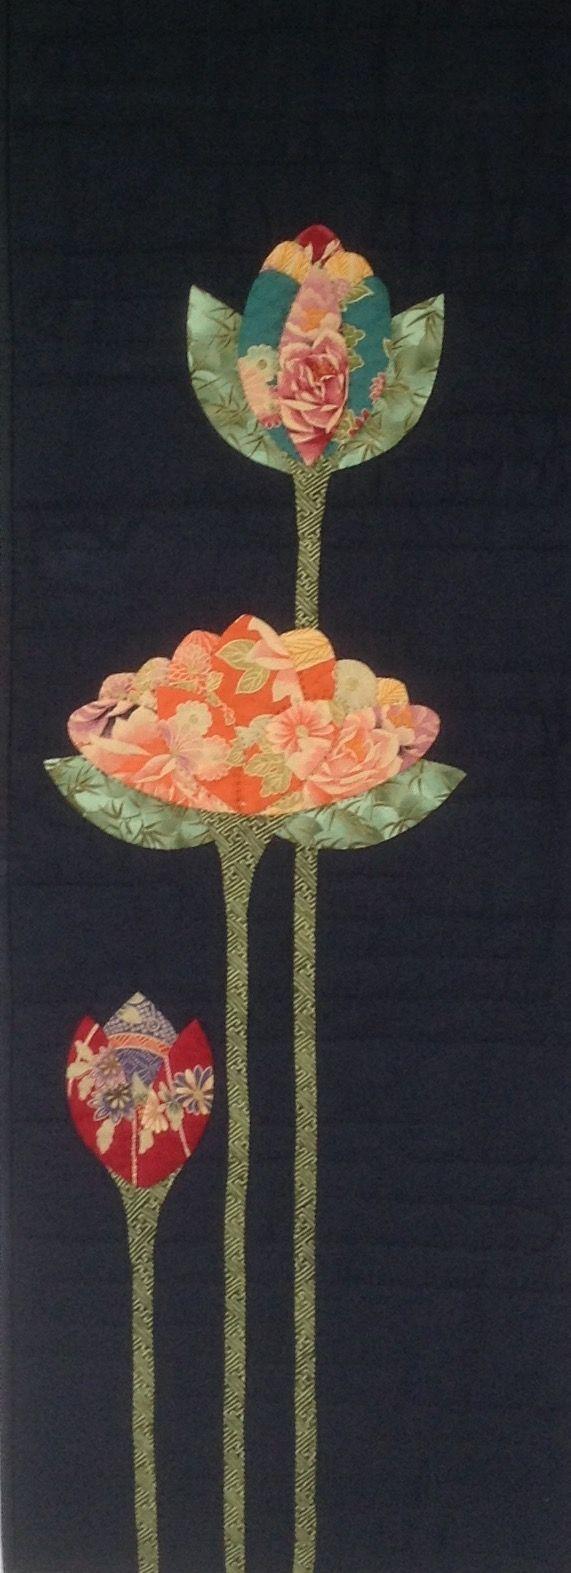 PP Blog: Lotus Flower Quilt